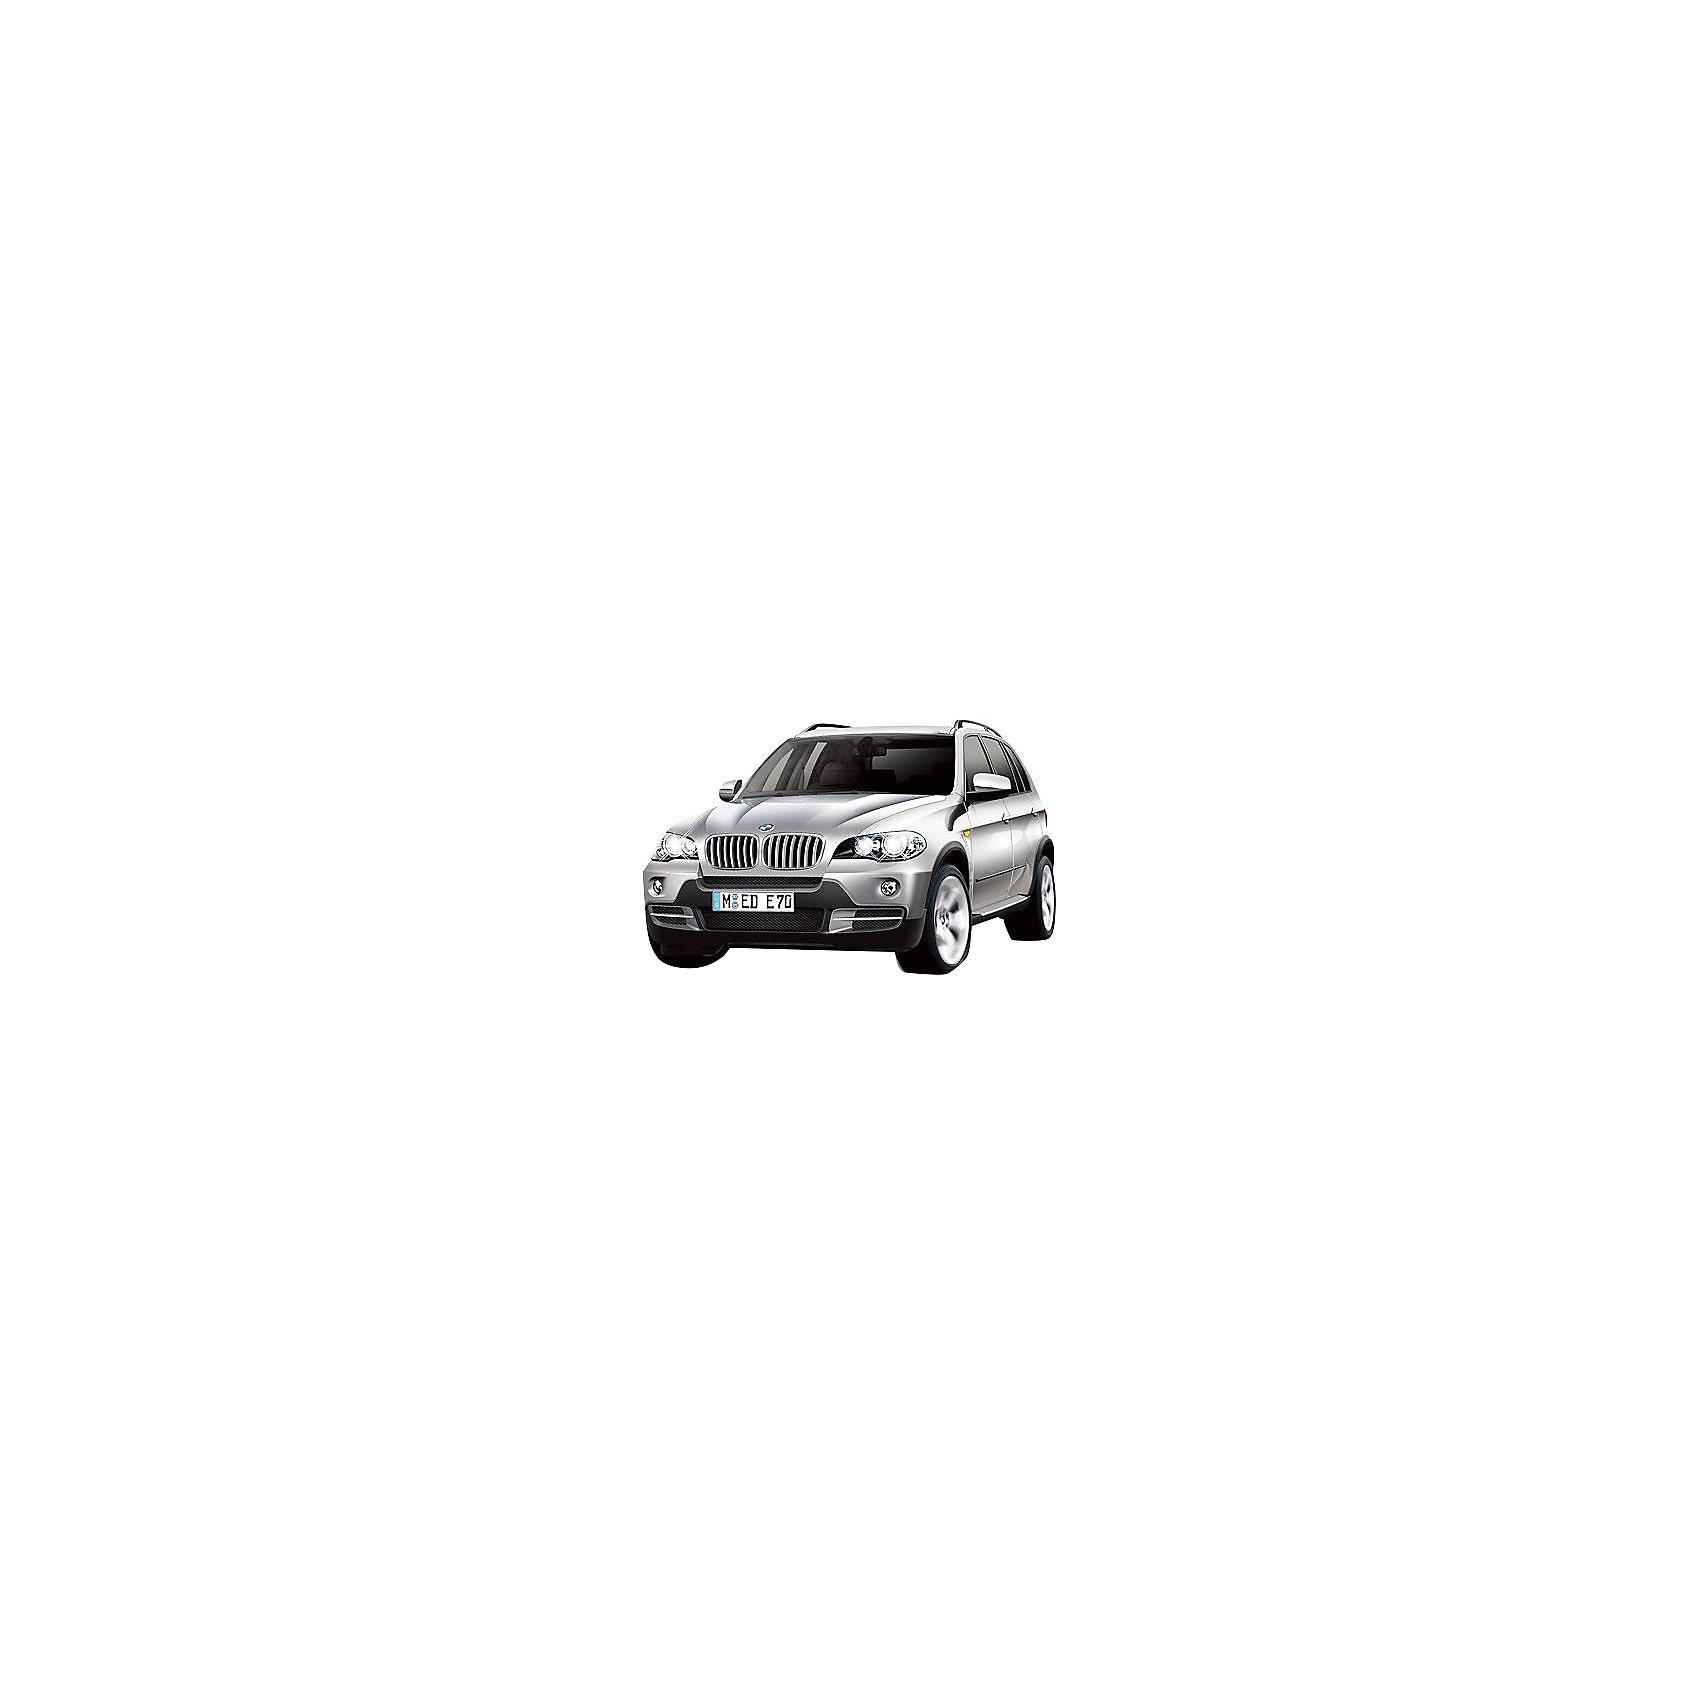 Машина BMW X5, 1:18, со светом, р/у, RASTAR, серебристыйКоллекционные модели<br>Невероятно стильная и красивая модель, выполненная в масштабе 1:18 приведет в восторг любого мальчишку! Машина прекрасно детализирована, очень похожа на настоящий автомобиль, развивает скорость до 12км/ч. Модель имеет четыре направления движения: вперед, назад, вправо и влево, работающие передние и задние фары, стоп-сигналы, при повороте вправо/влево включаются поворотники, во время движения слышен шум работающего двигателя.   Дополнительная информация:  - Материал: пластик, металл. - Размер: 27,5х10,5х 10,4 см.  - Максимальная скорость 12 км/ч. - Время непрерывной работы: 120 мин. - Масштаб: 1:18. - Комплектация: машинка; пульт управления. - Звуковые и световые эффекты. - Элемент питания: 4 ААА батарейки 1 крона (в комплект не входят). - Дистанция управления: до 15 м. - Цвет в ассортименте. ВНИМАНИЕ! Данный артикул представлен в разных цветовых вариантах. К сожалению, заранее выбрать определенный цвет невозможно. При заказе нескольких машин, возможно получение одинаковых.  Машину BMW X5, 1:18, со светом, р/у, RASTAR, в ассортименте, можно купить в нашем магазине.<br><br>Ширина мм: 170<br>Глубина мм: 380<br>Высота мм: 150<br>Вес г: 830<br>Возраст от месяцев: 36<br>Возраст до месяцев: 144<br>Пол: Мужской<br>Возраст: Детский<br>SKU: 4838269